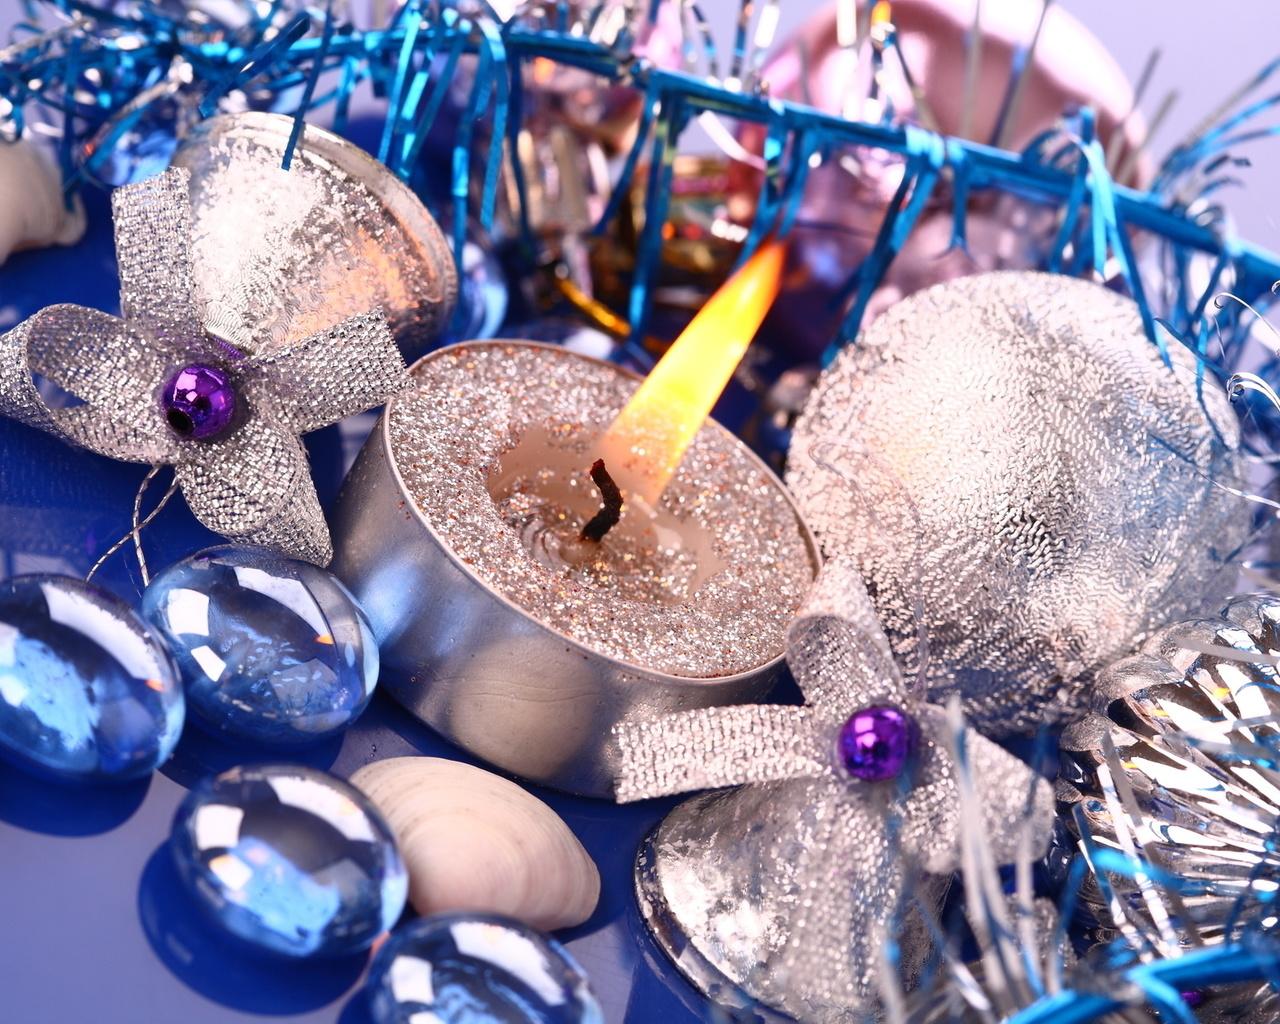 шары, шарики, зеленые, узор, свечи, колокольчики, ноты, ветка, ель, ёлка, праздники, зима, new year, christmas, рождество, новый год